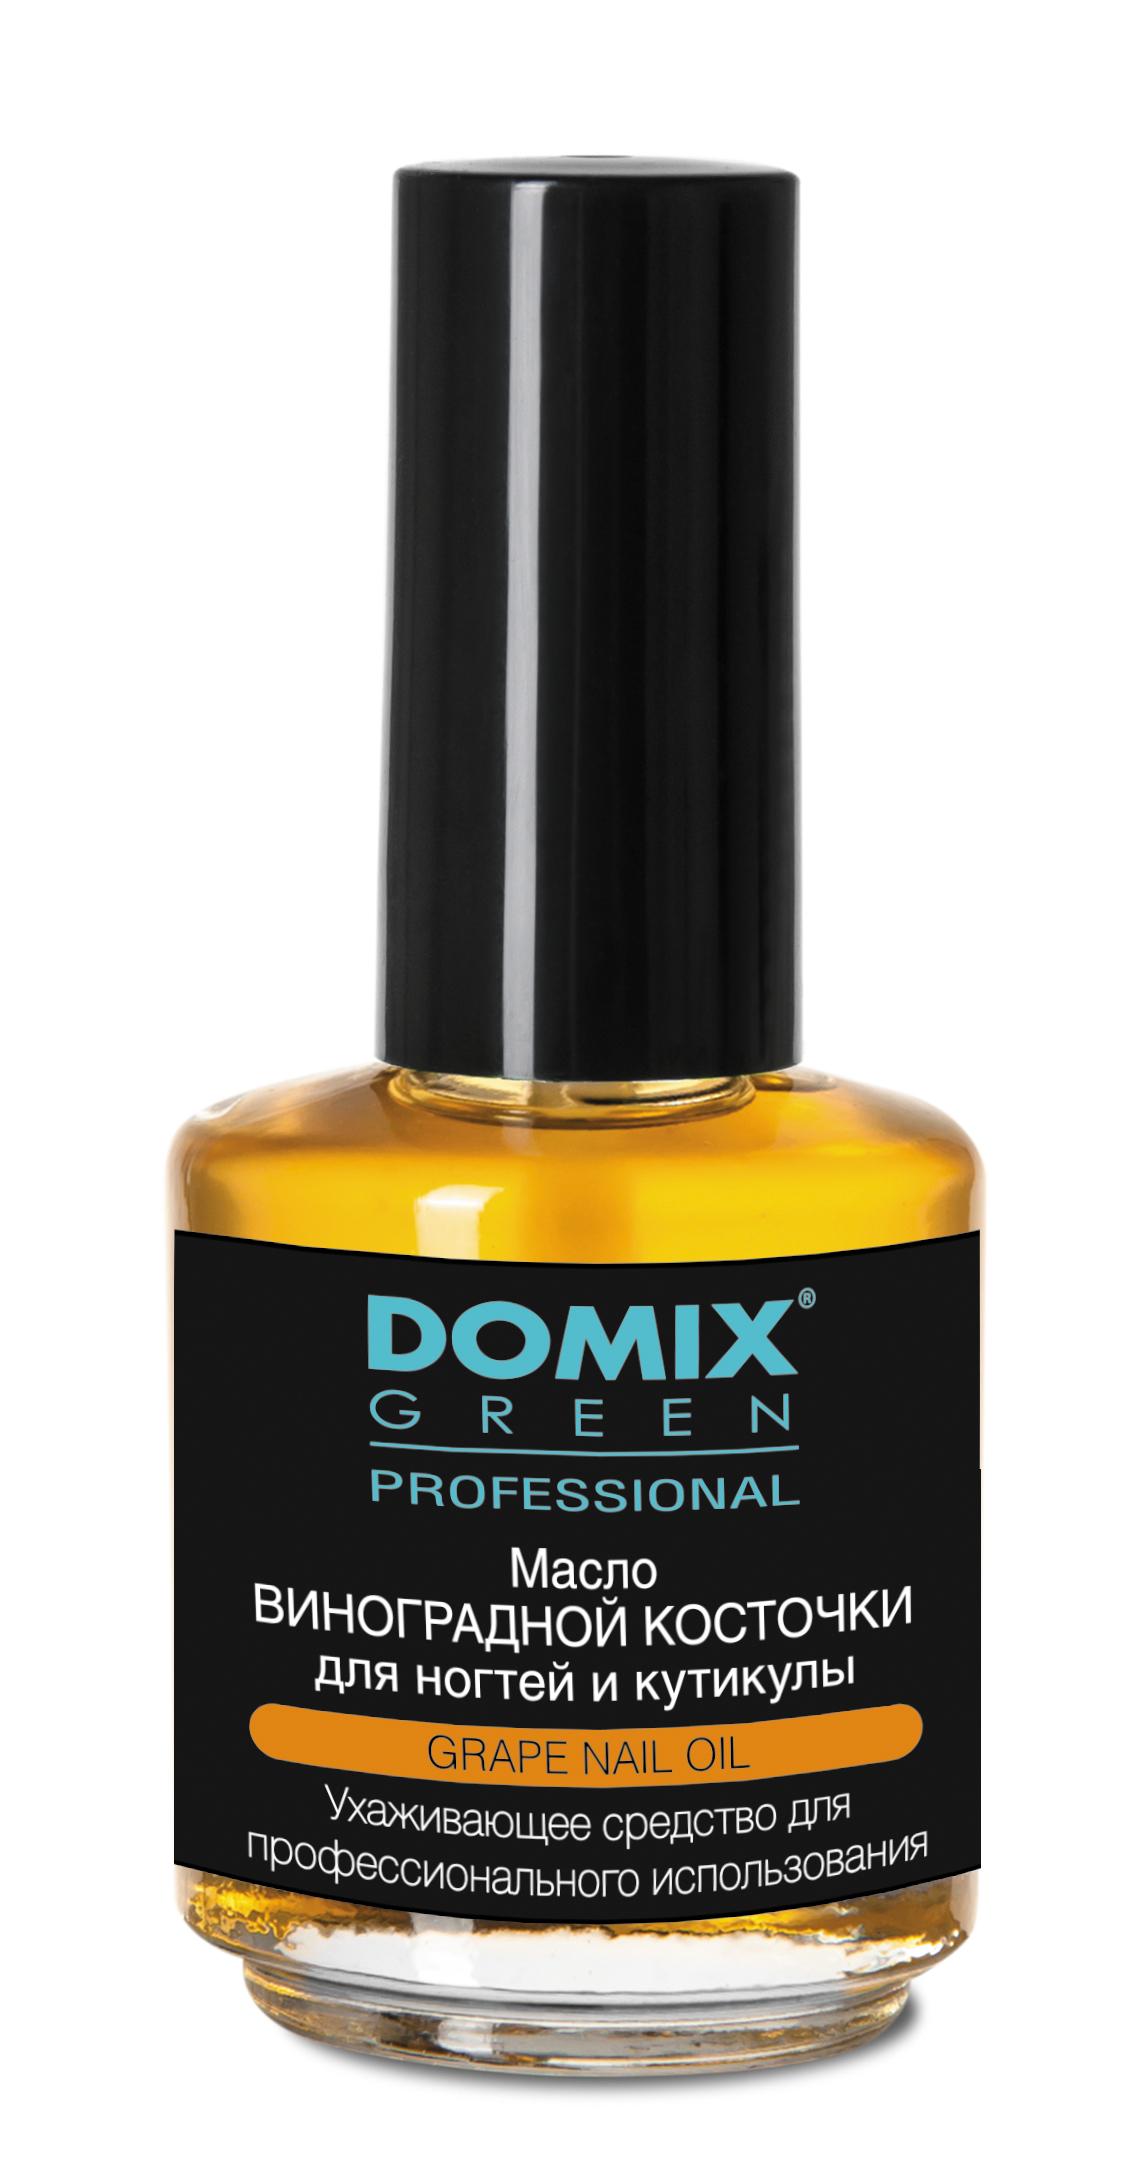 Масло виноградной косточки для ногтей и кутикулы / DGP 17 мл